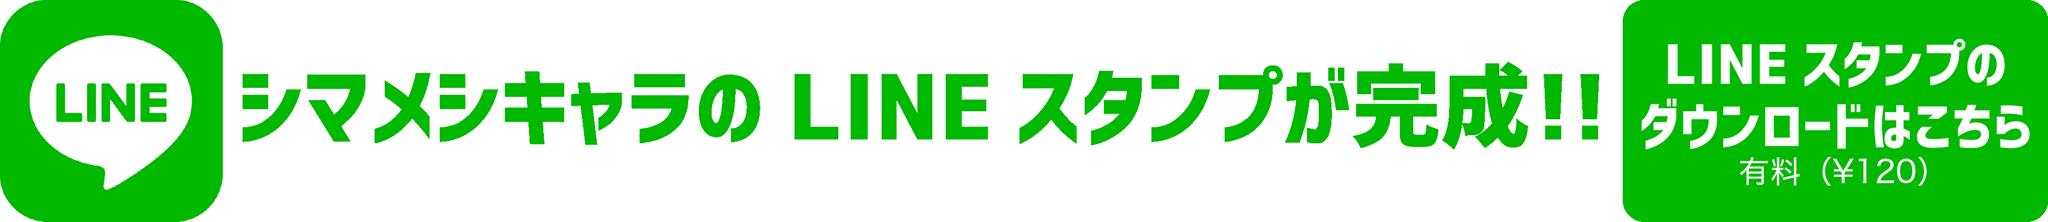 シマメシキャラのLINEスタンプが完成‼ LINEスタンプのダウンロードはこちら 有料(120円)